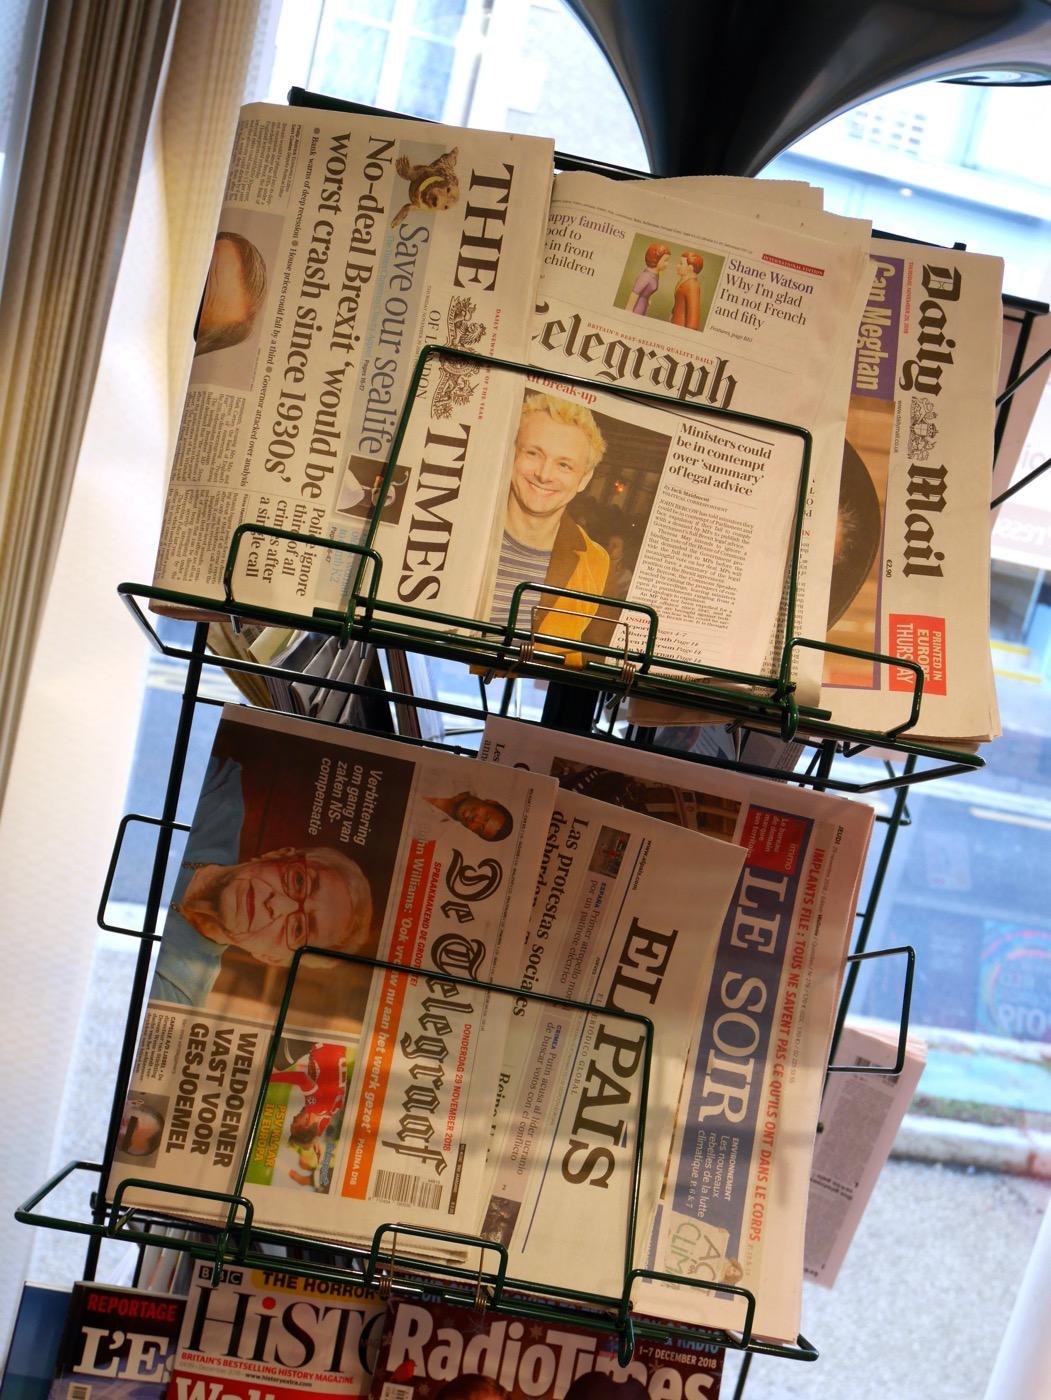 Le Temps Des Livres Montmorillon : temps, livres, montmorillon, Temps, Livres, Maison, Presse, Fédération, Acteurs, Économiques